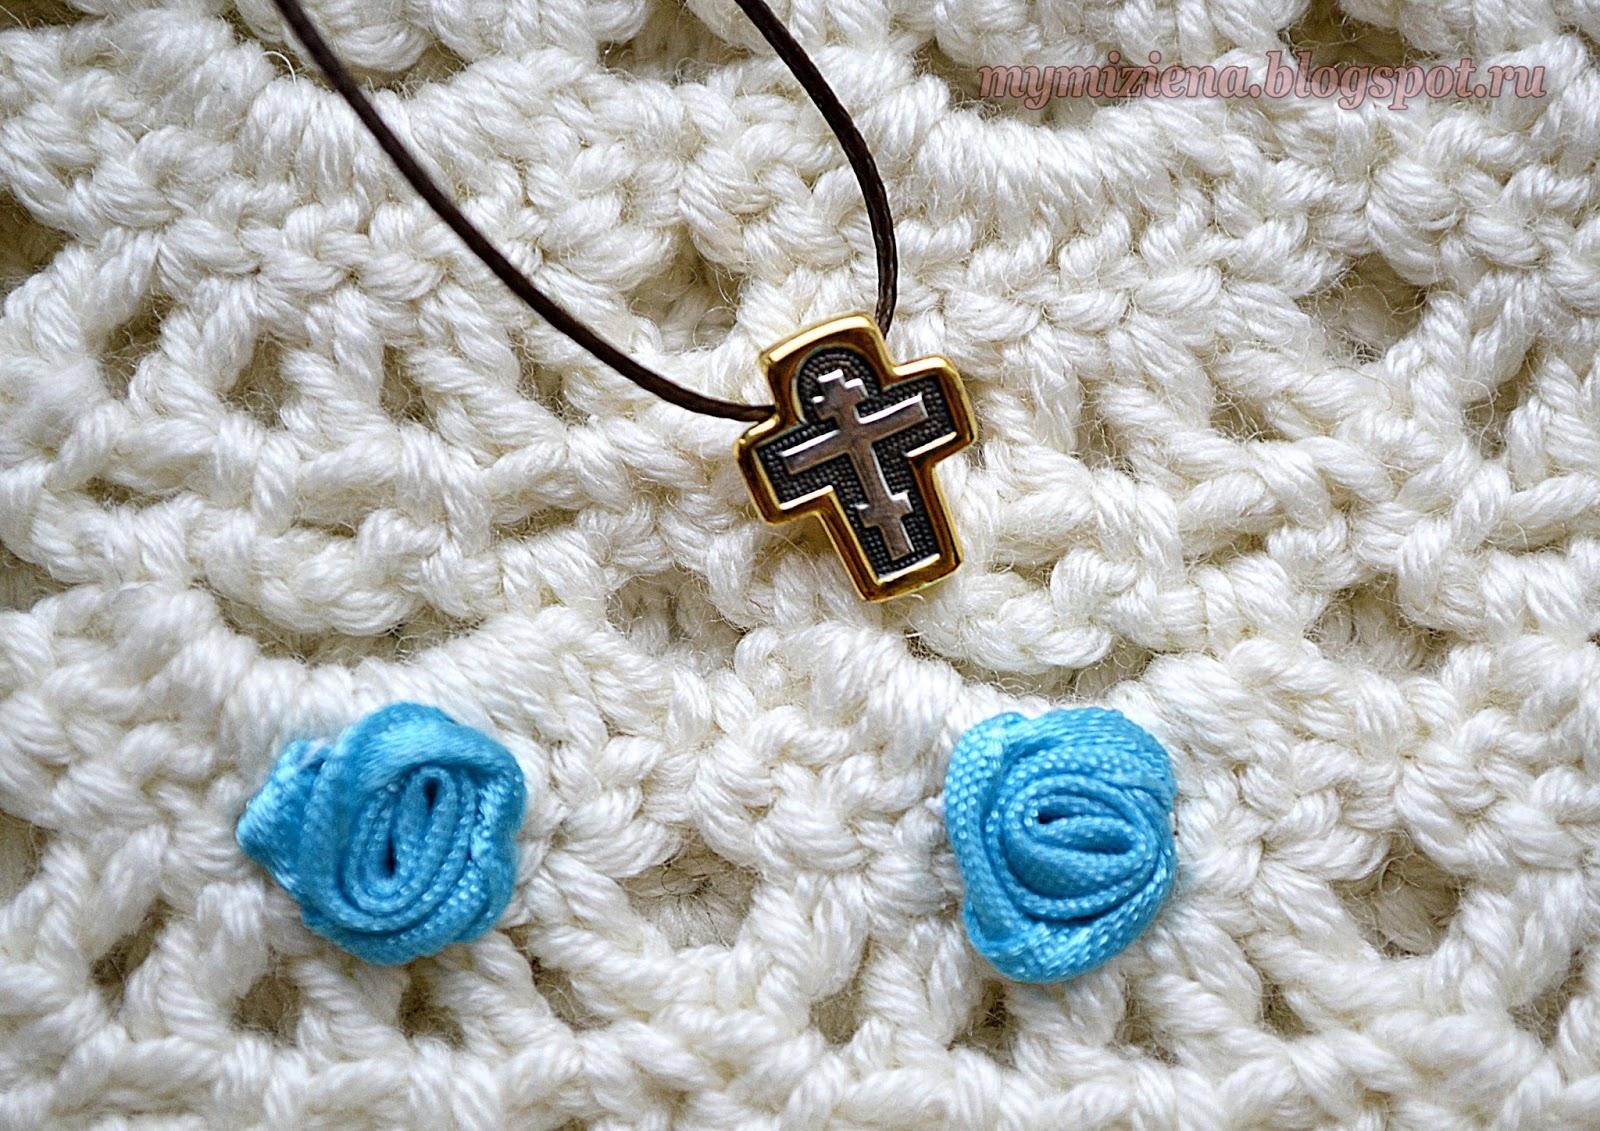 крест прямоконечный спаси и сохрани